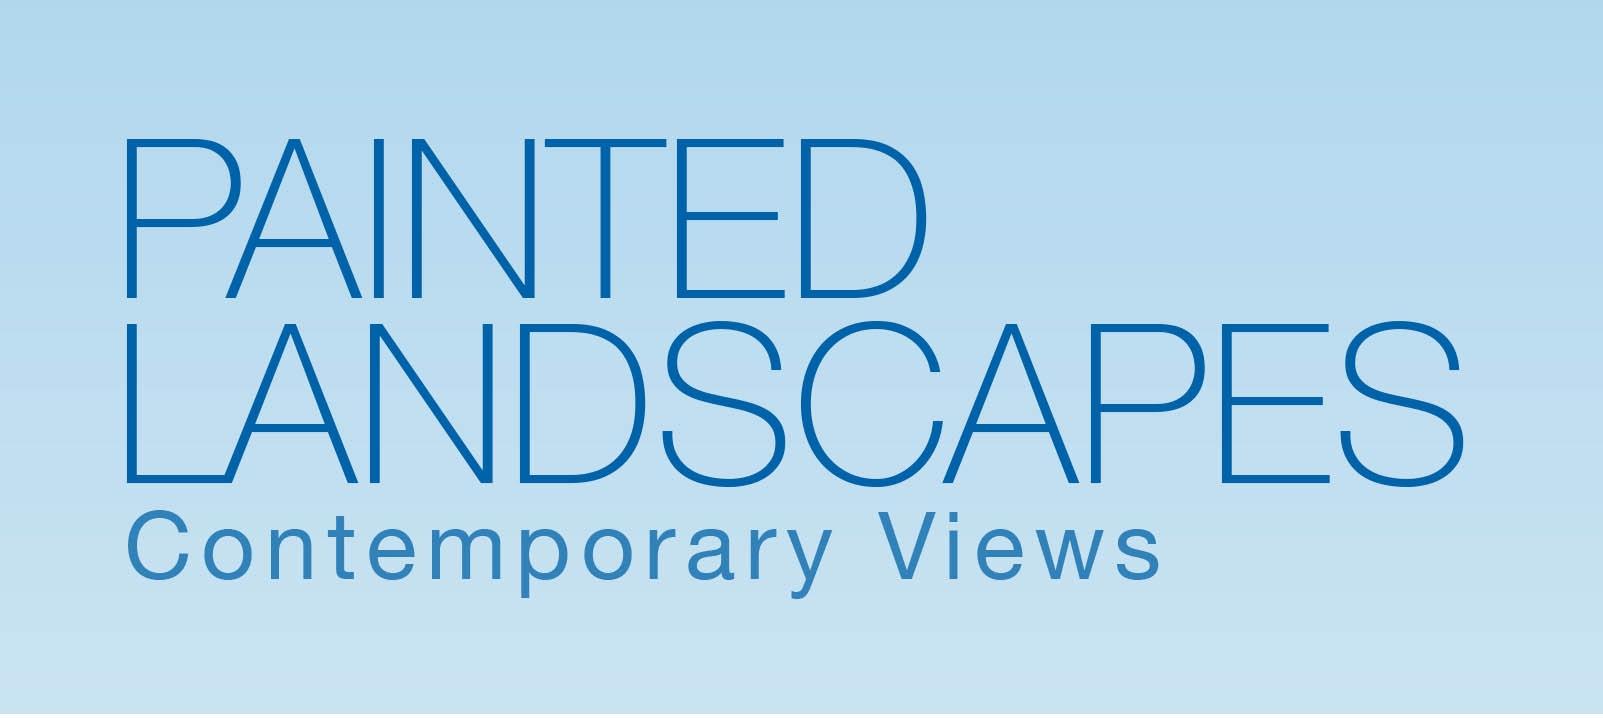 painted landscapes contemporary views art exhibit